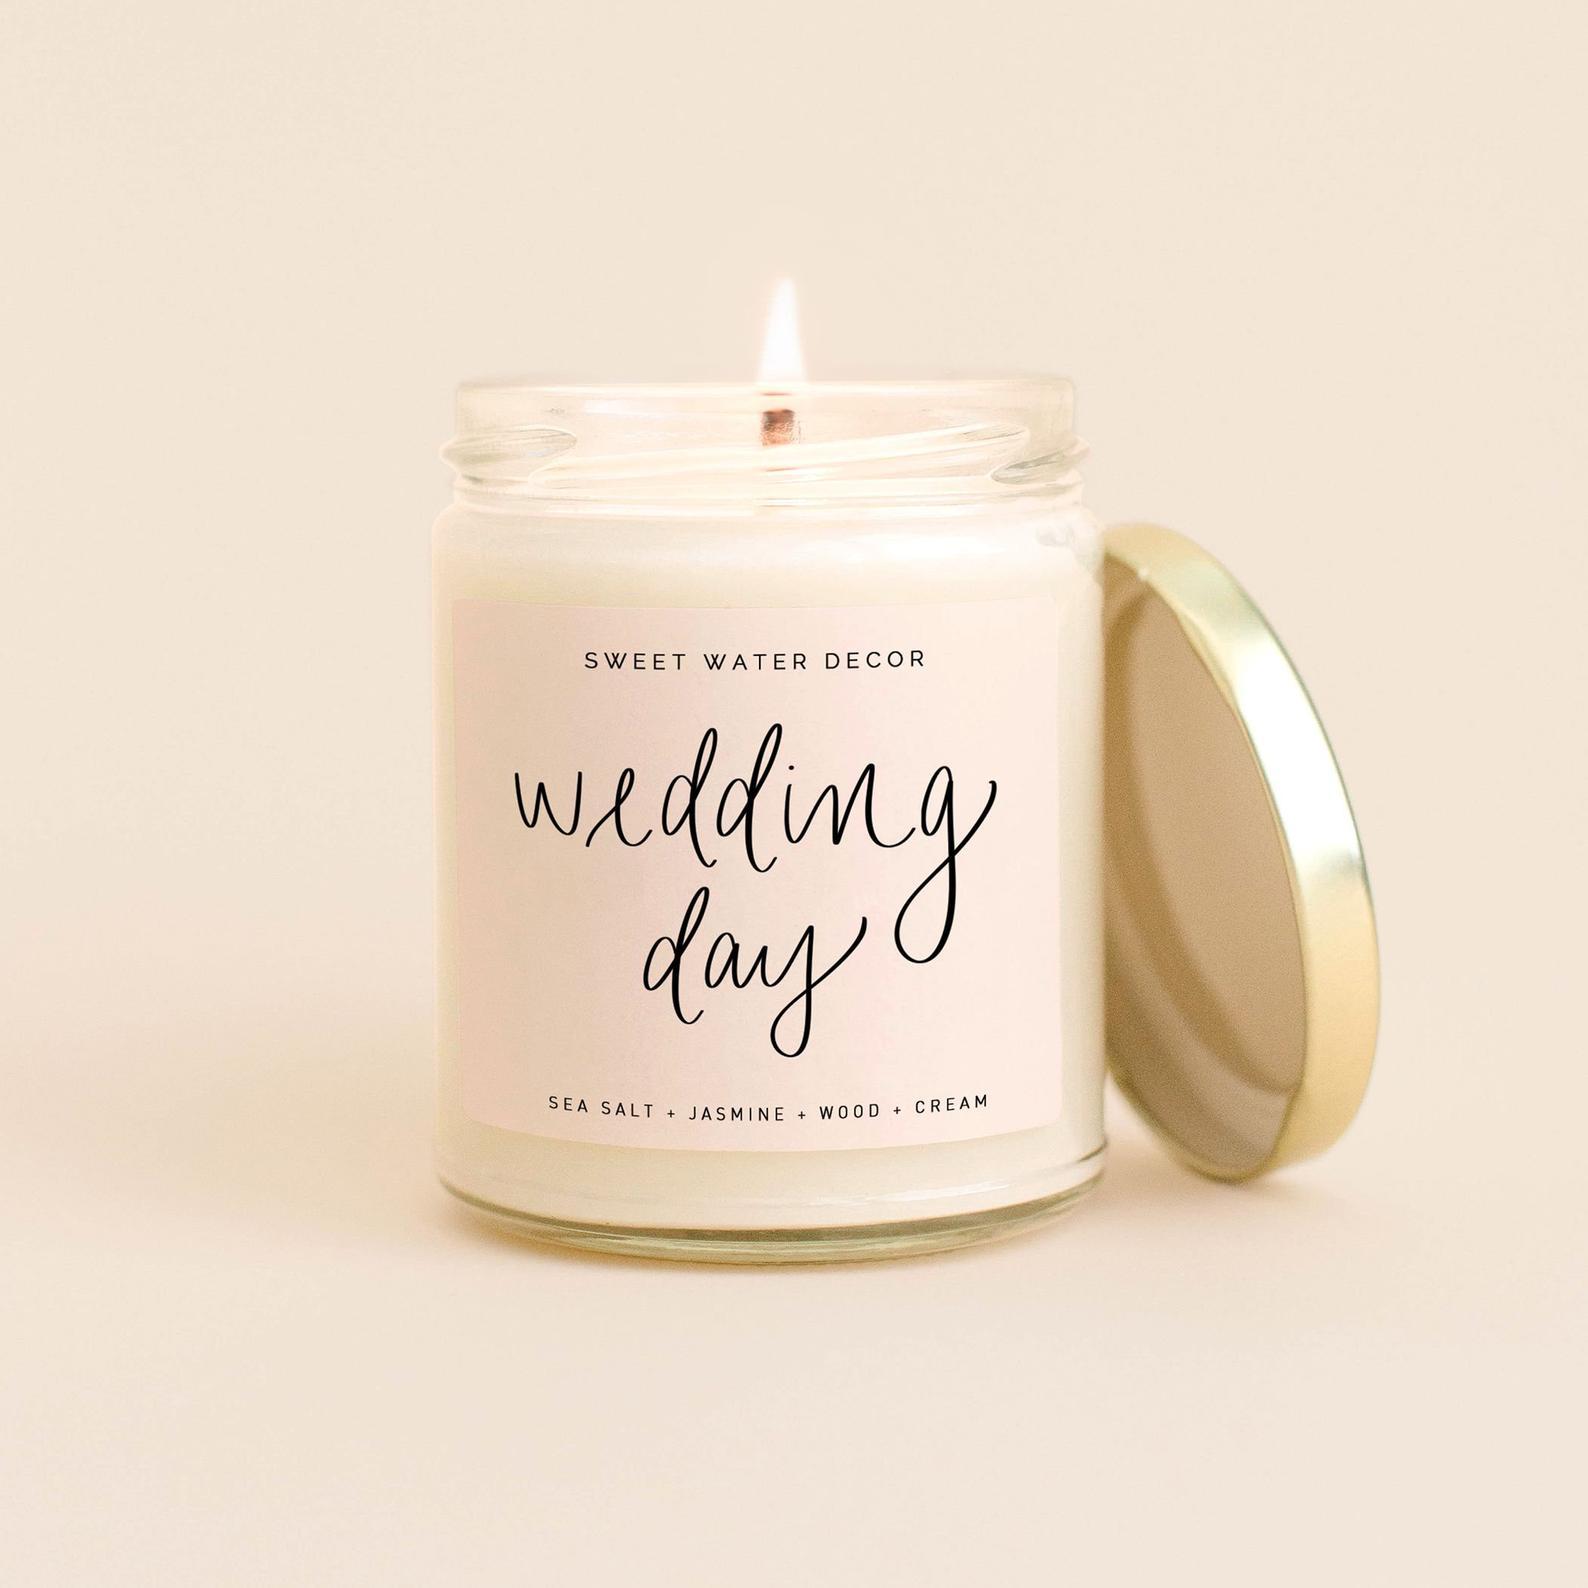 Regalos para parejas que tuvieron que posponer su boda - Etsy - Wedding Hub - 02